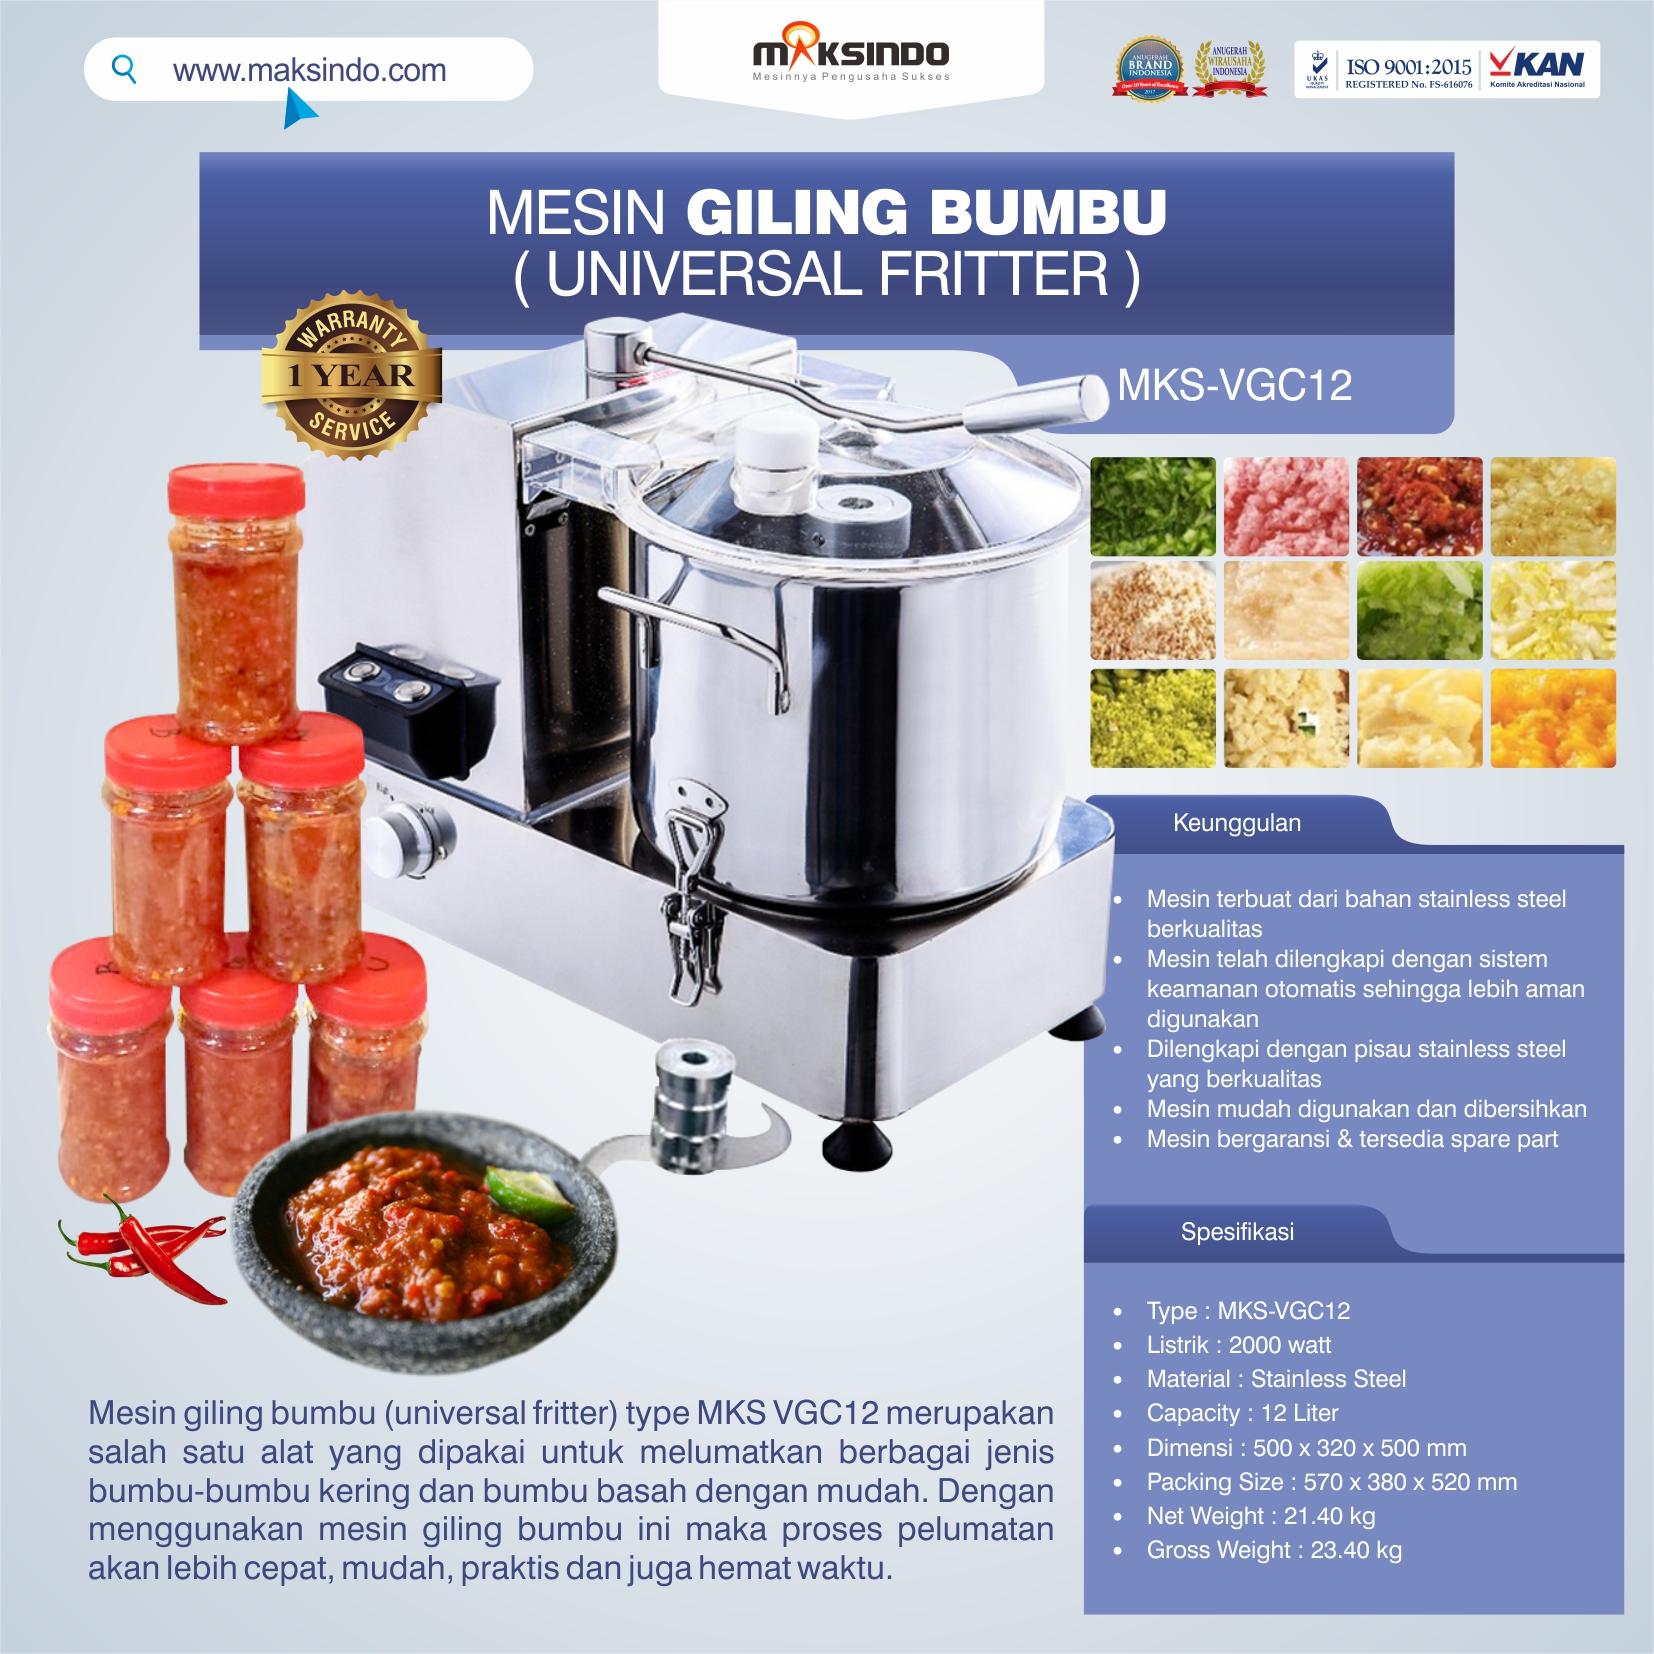 Jual Mesin Giling Bumbu (Universal Fritter) MKS VGC12 di Bekasi